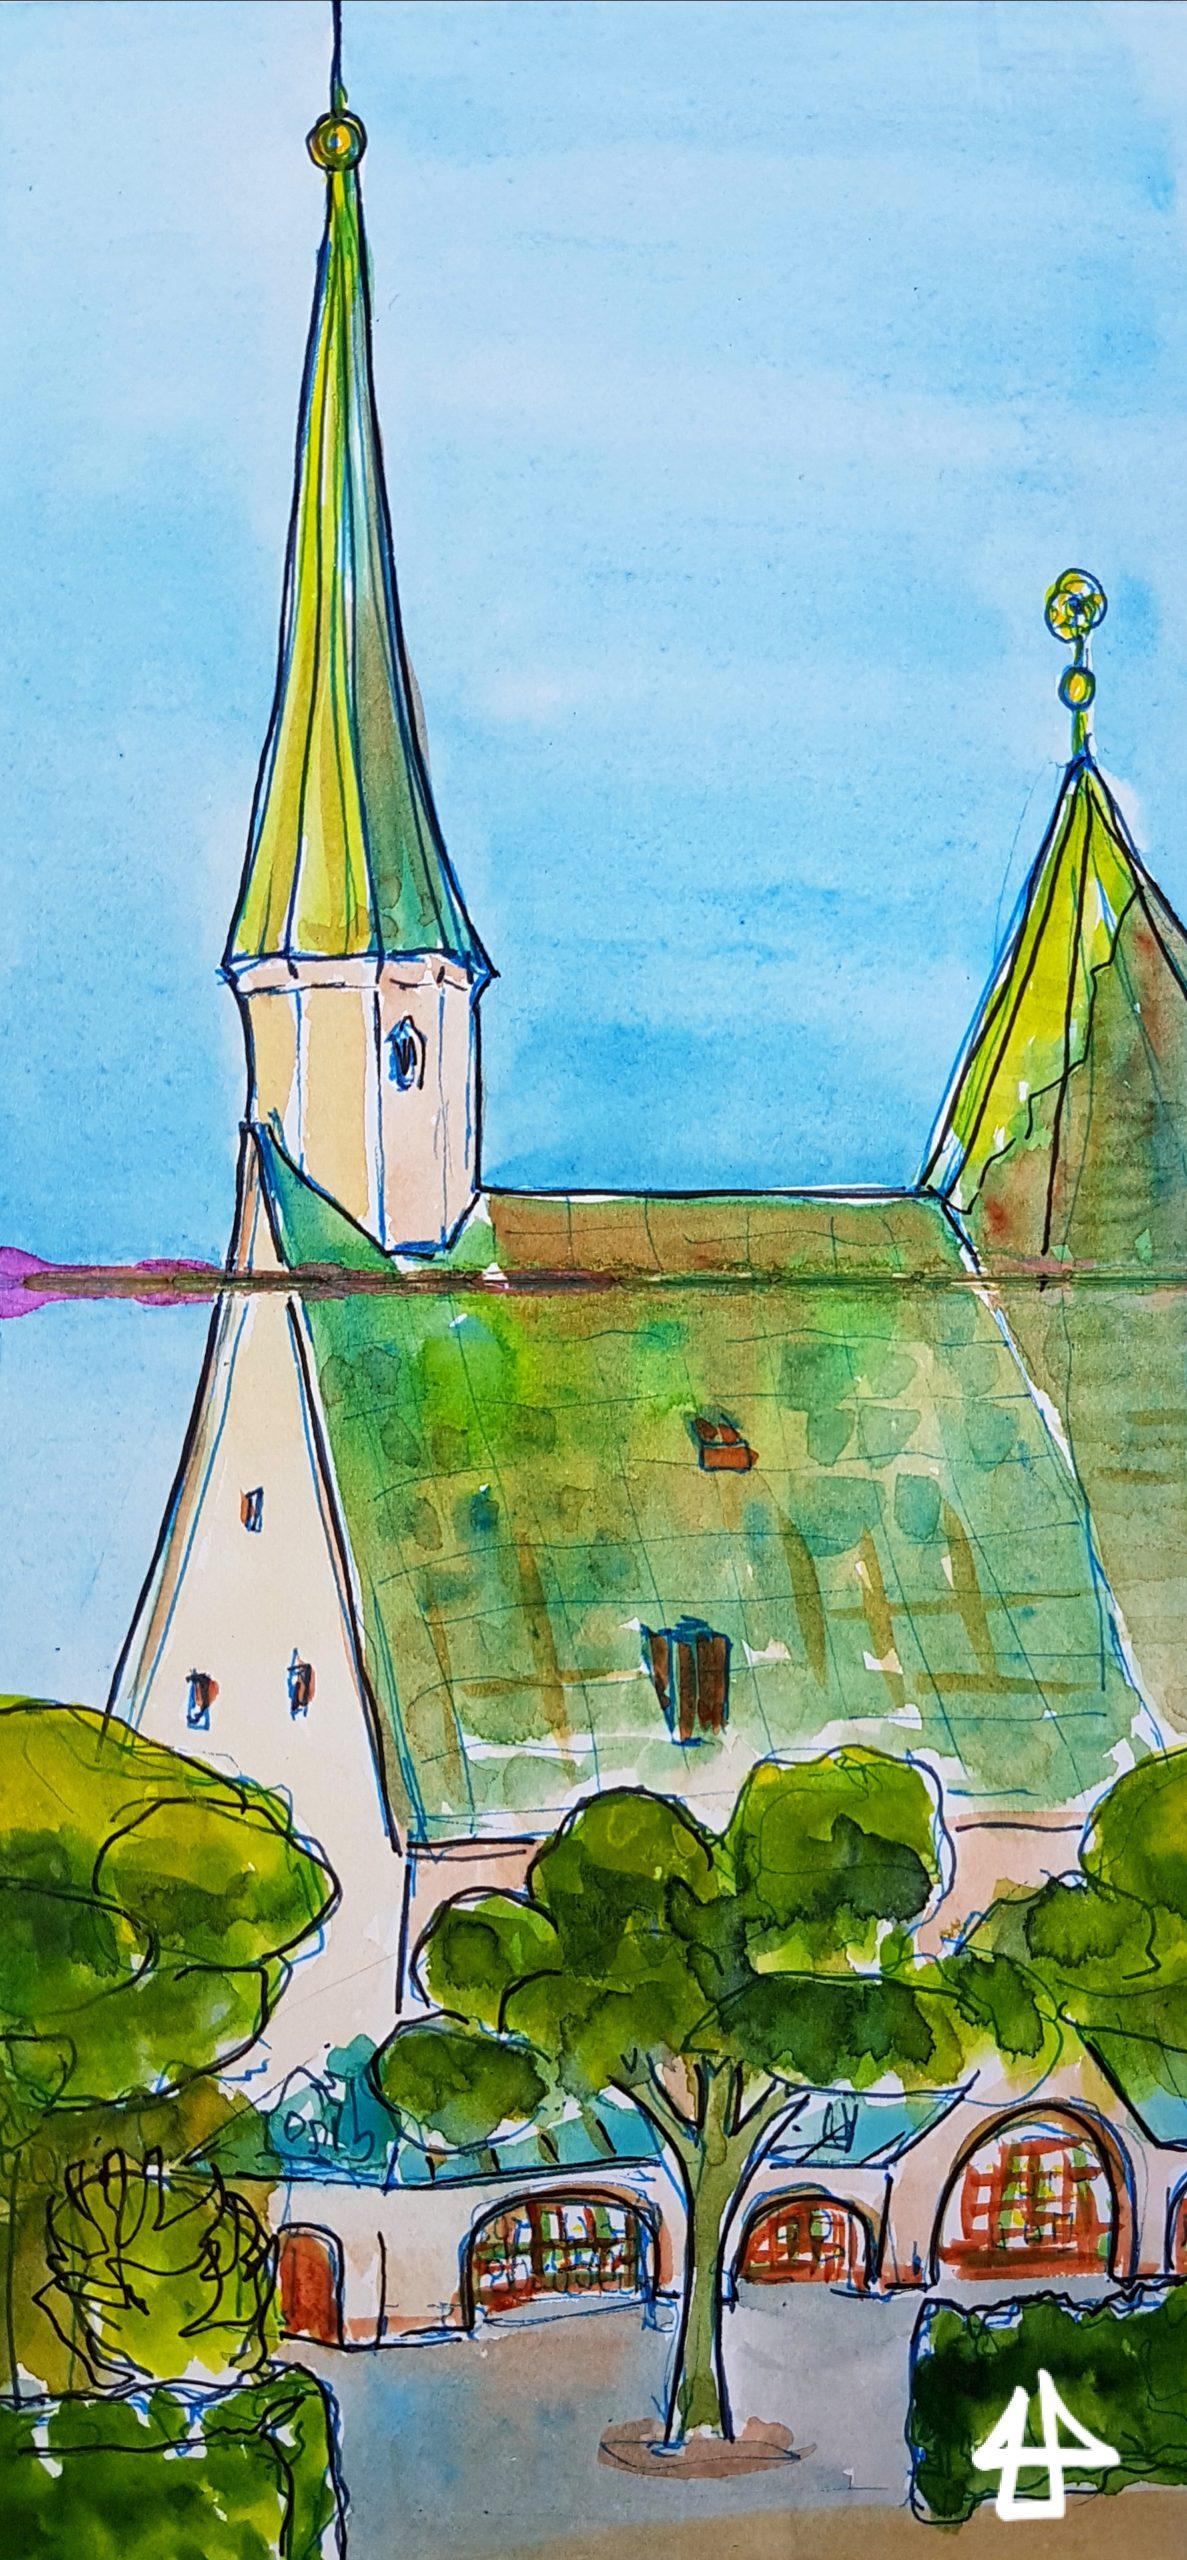 Zeichnung mit Fineliner und Aquarell: Kirchlein mit Kupferdach, zwei Türmen und Wandelgang, davor Bäume und Hecken.